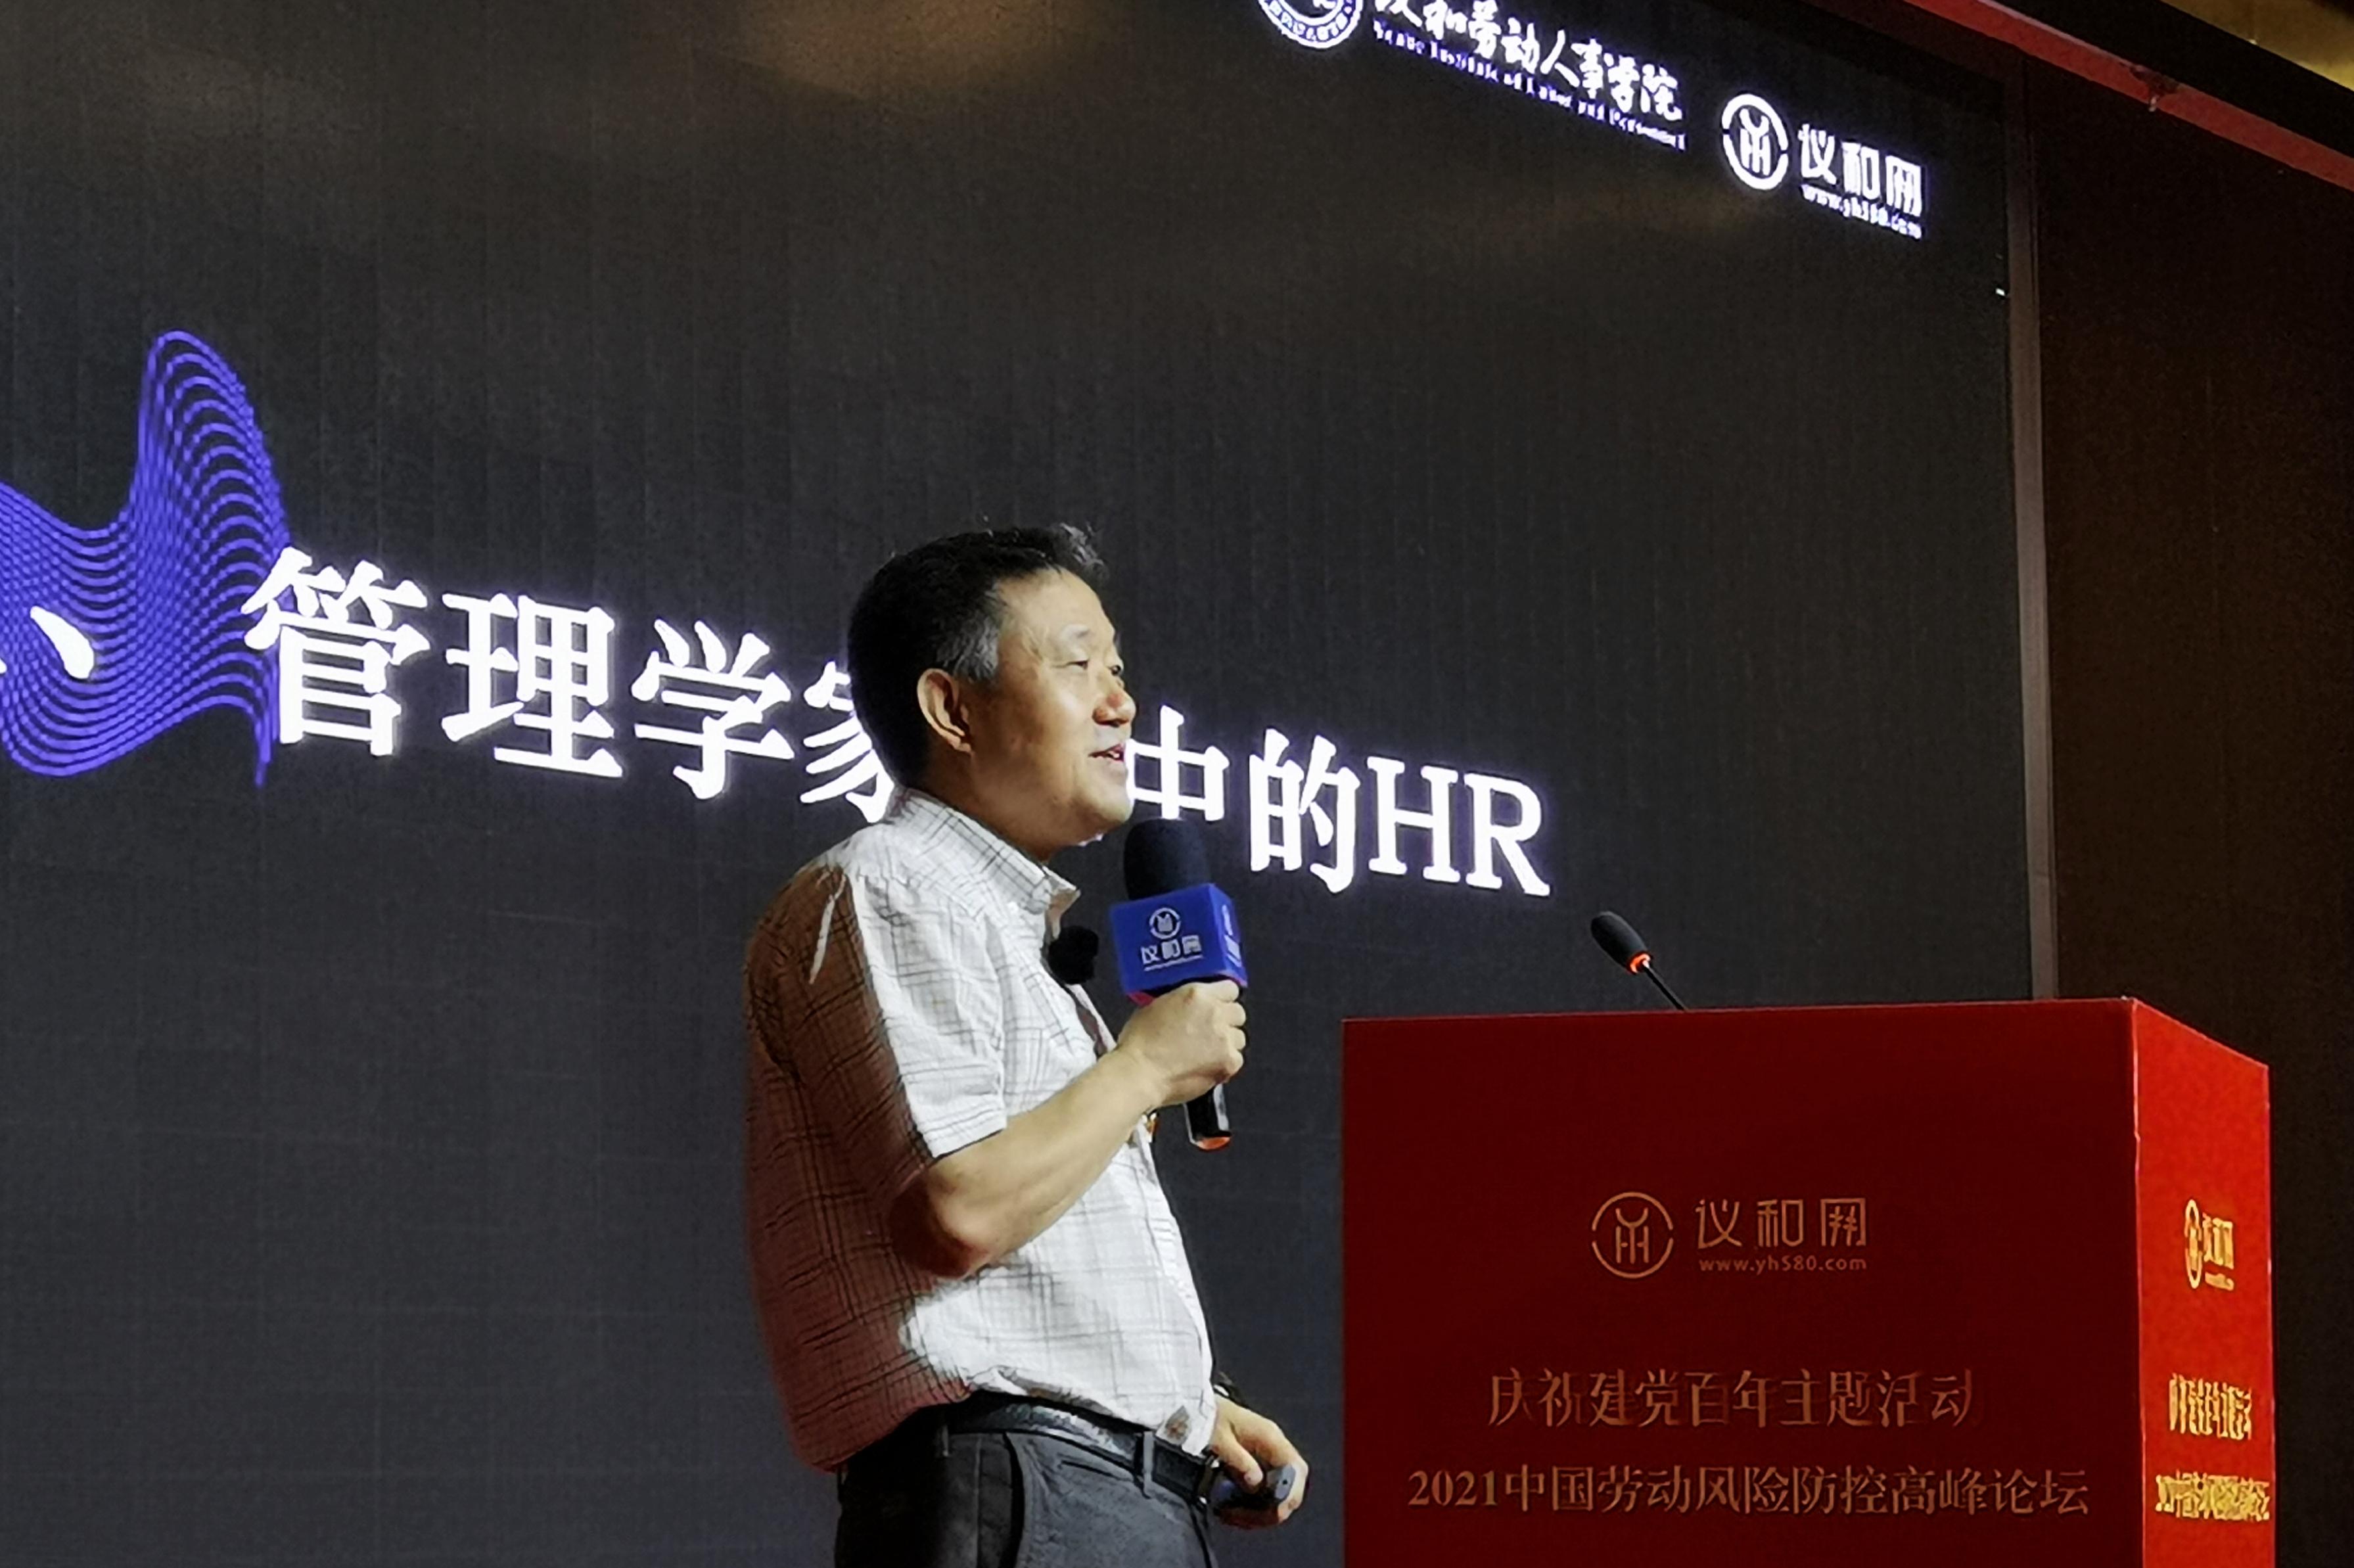 2021中国劳动风险防控高峰论坛在福州举行